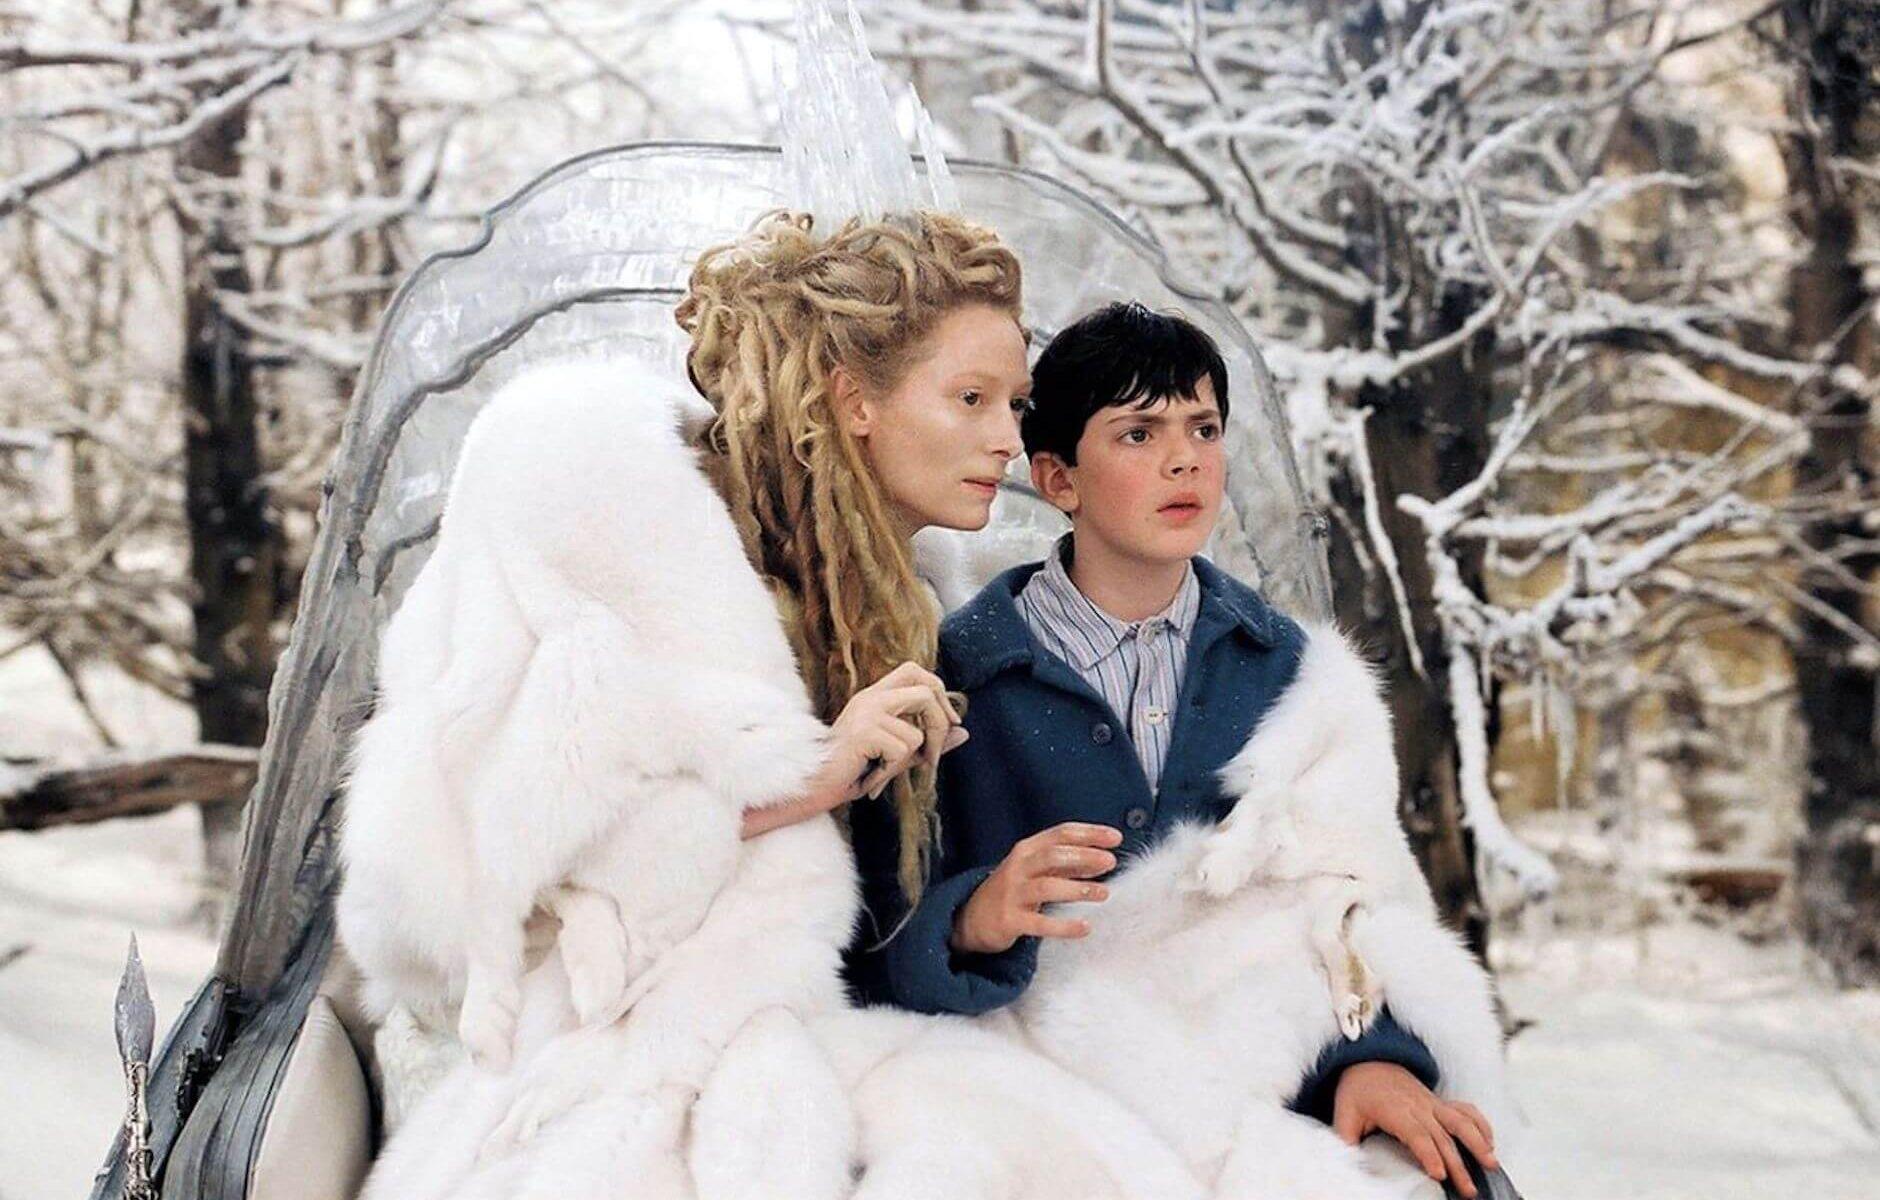 filmes sobre o Inverno